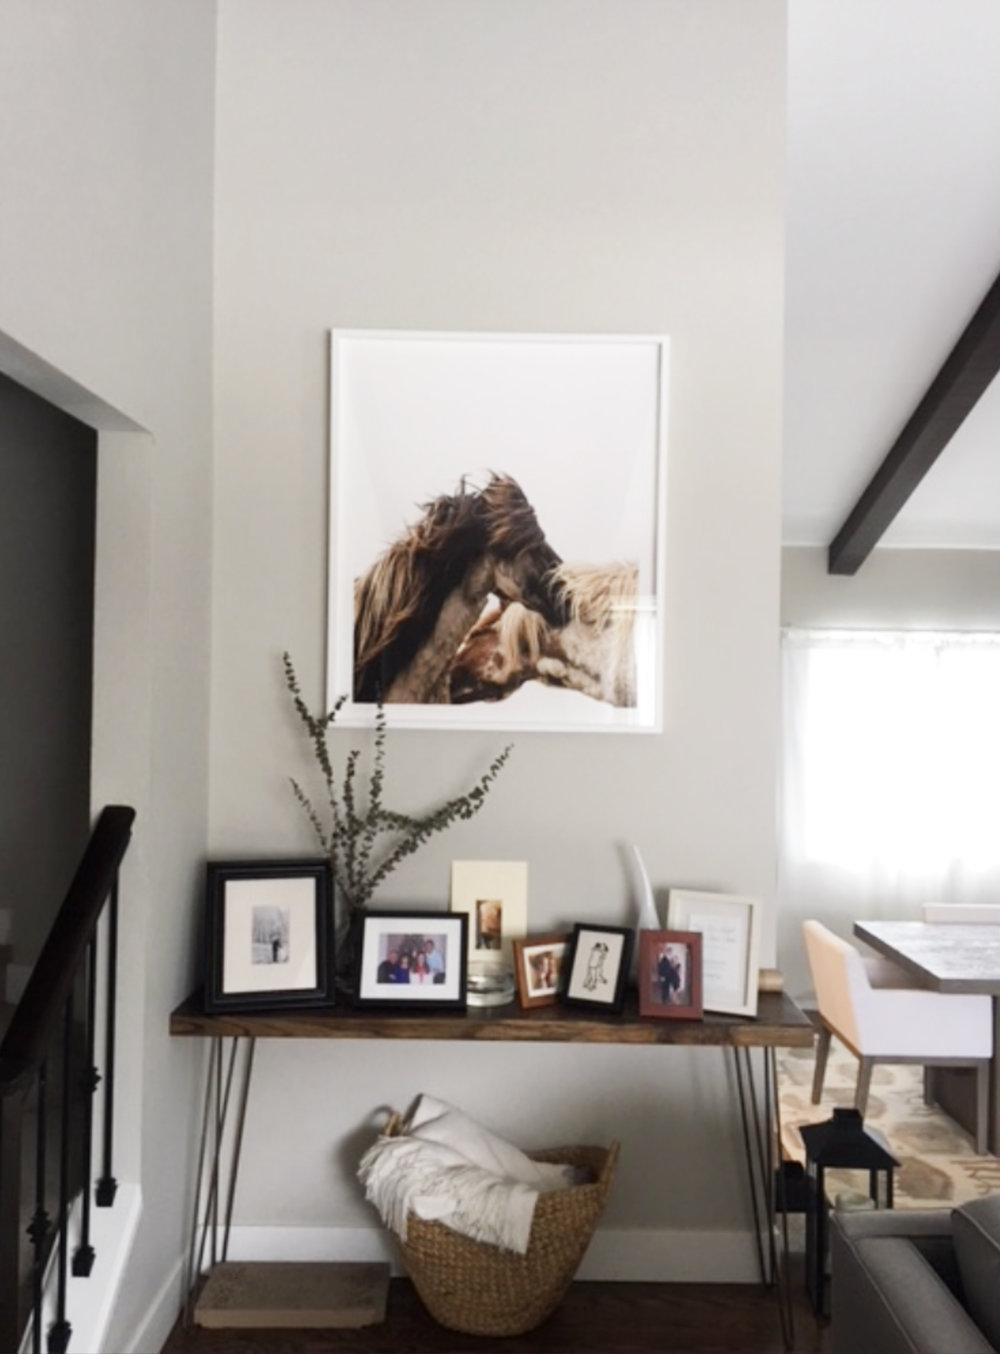 SAmple White frame.jpg